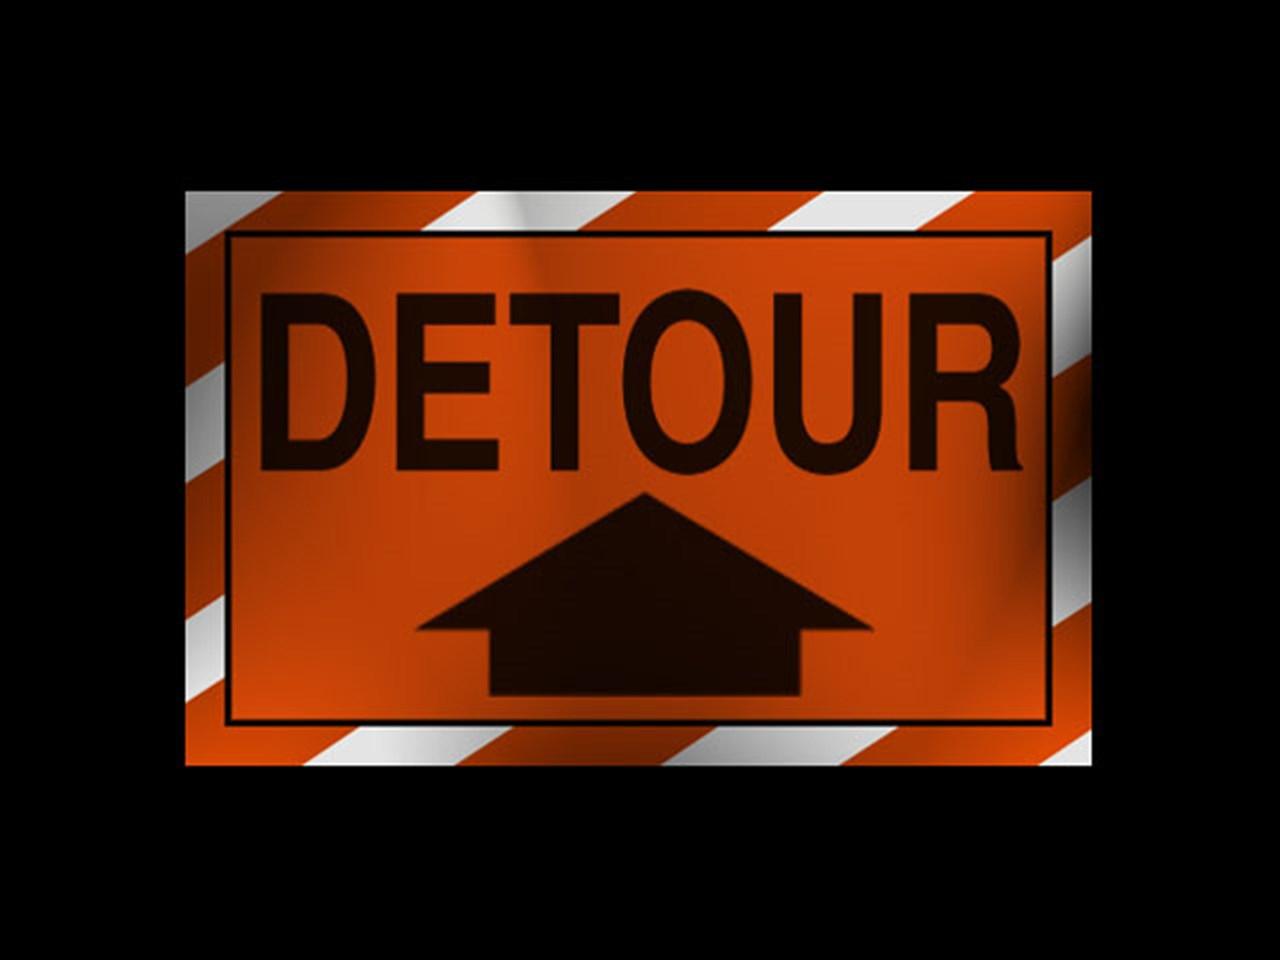 Detour1280x960_80317A02_1558631788505.jpg